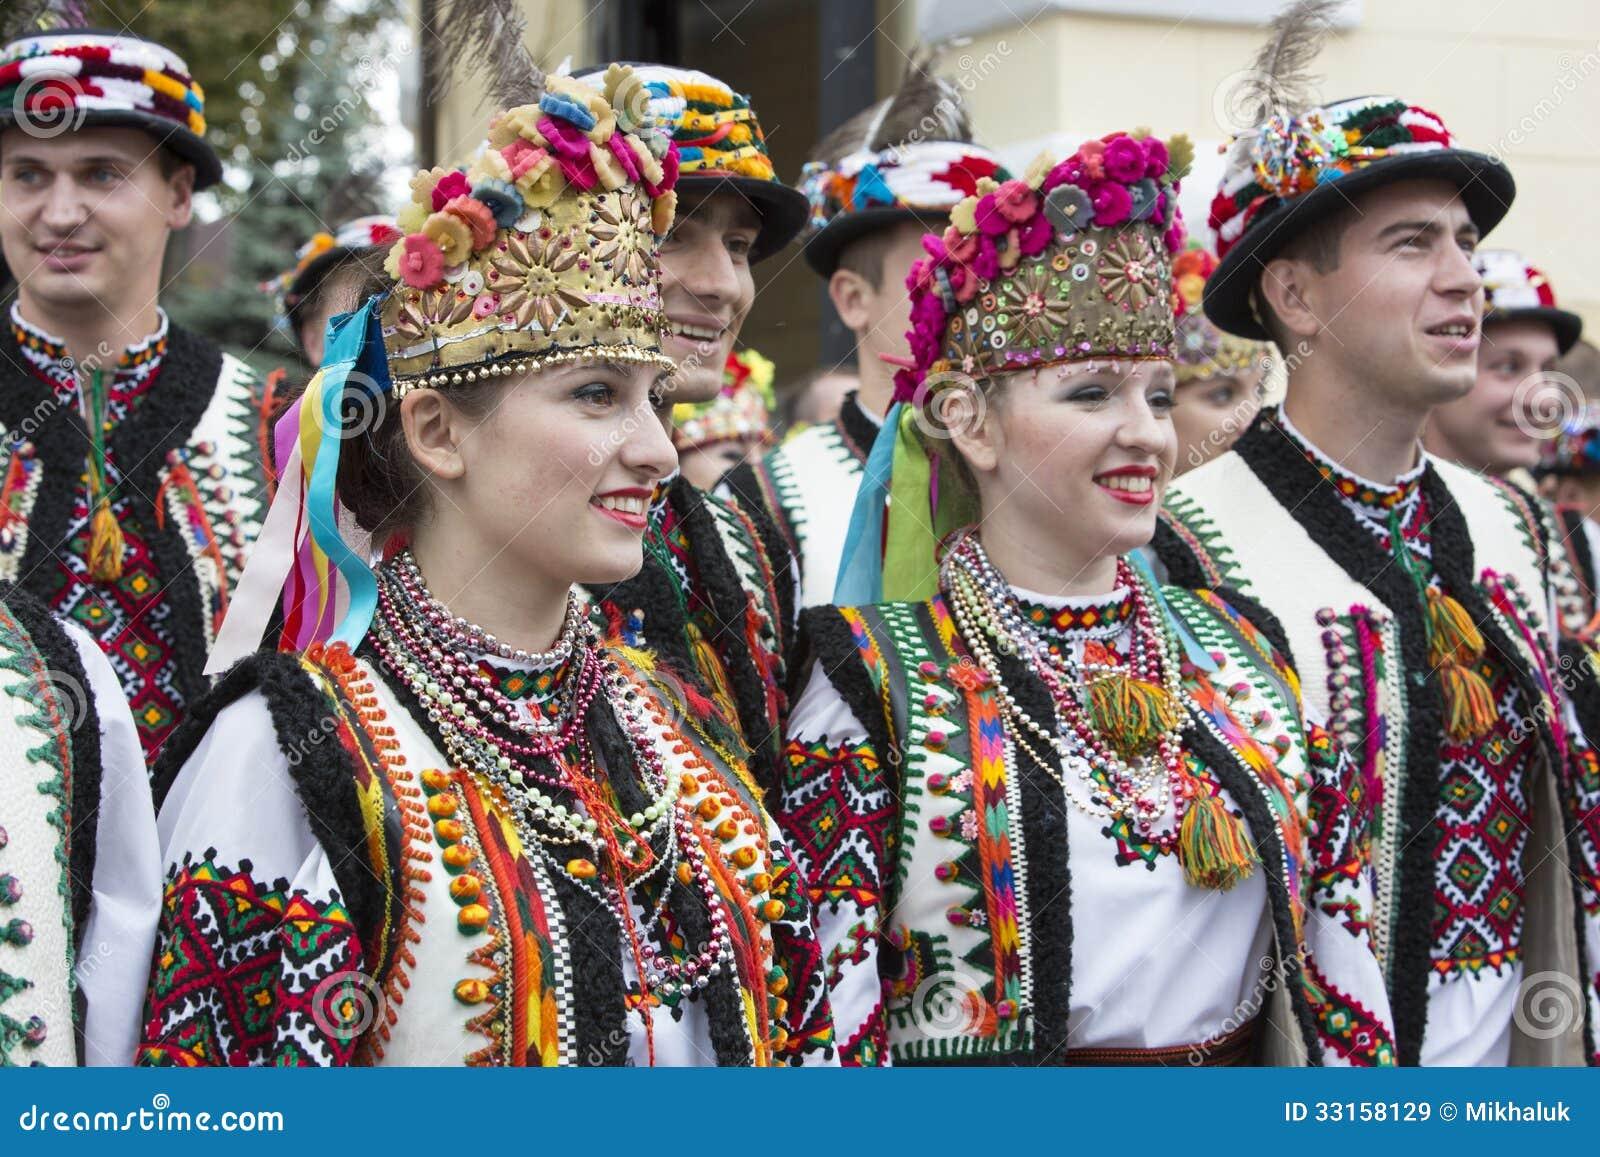 What do ukrainian women look like